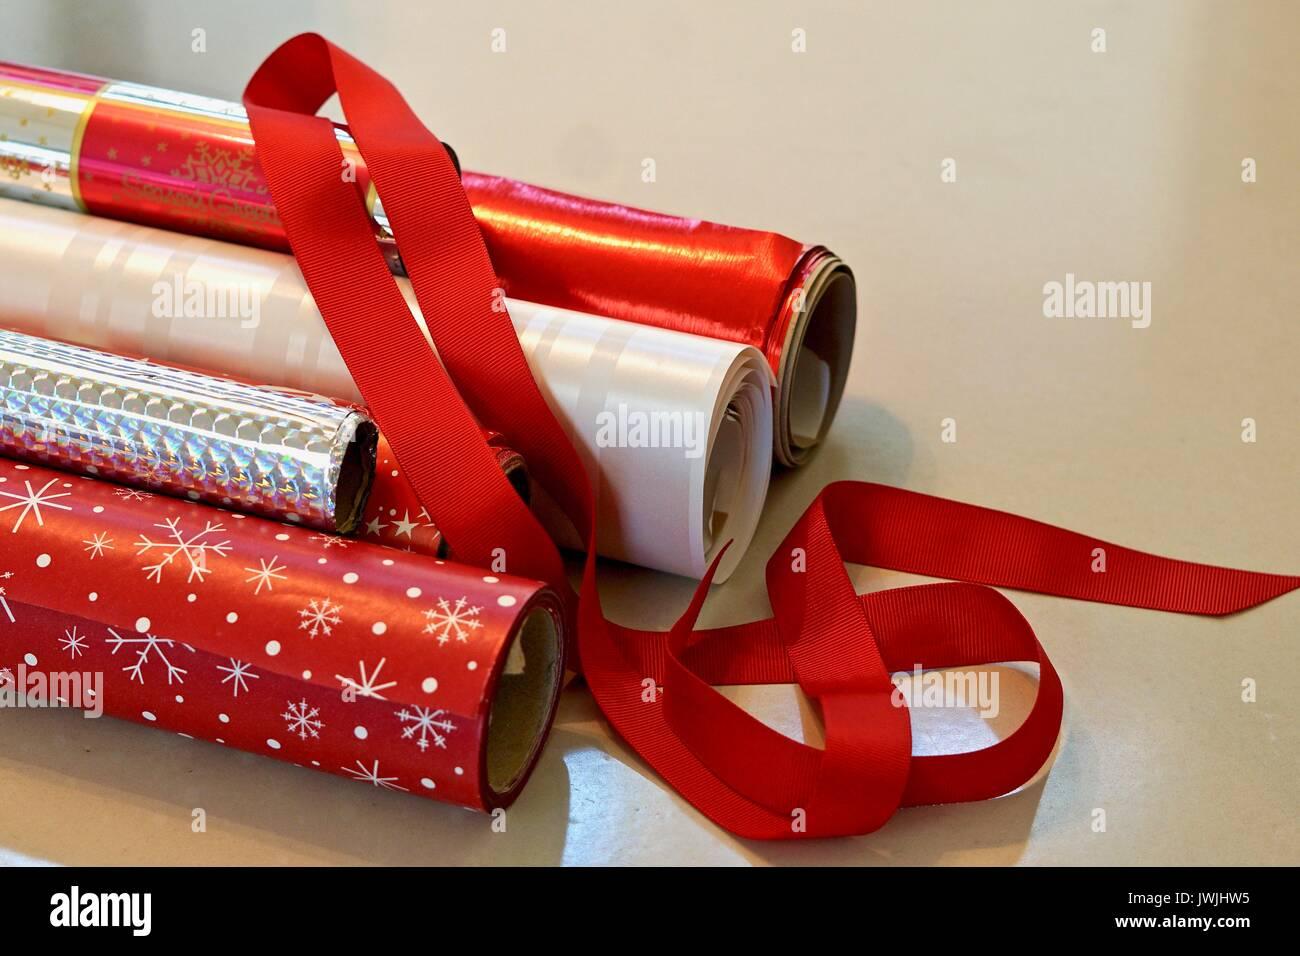 Rollen von Rot und Silber Weihnachten Geschenkpapier mit Schleife ...